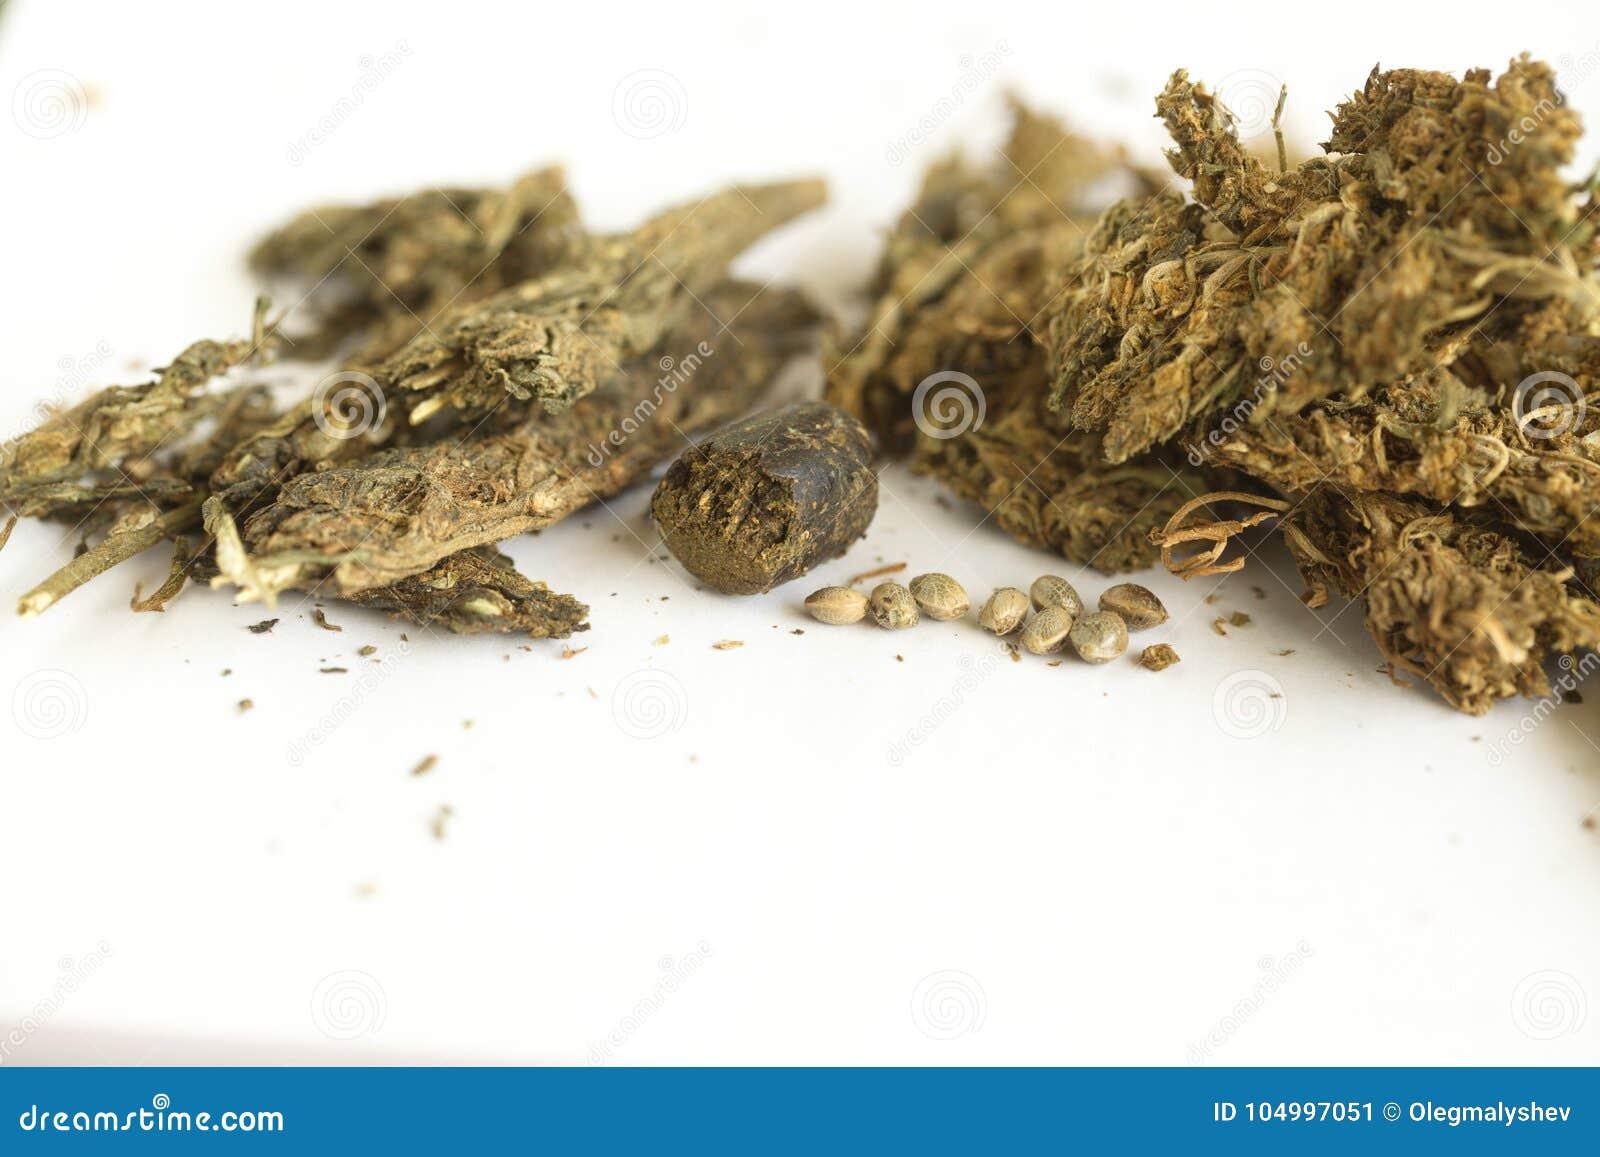 Семена индийский конопли семена конопляные почтой наложенным платежом шишкин